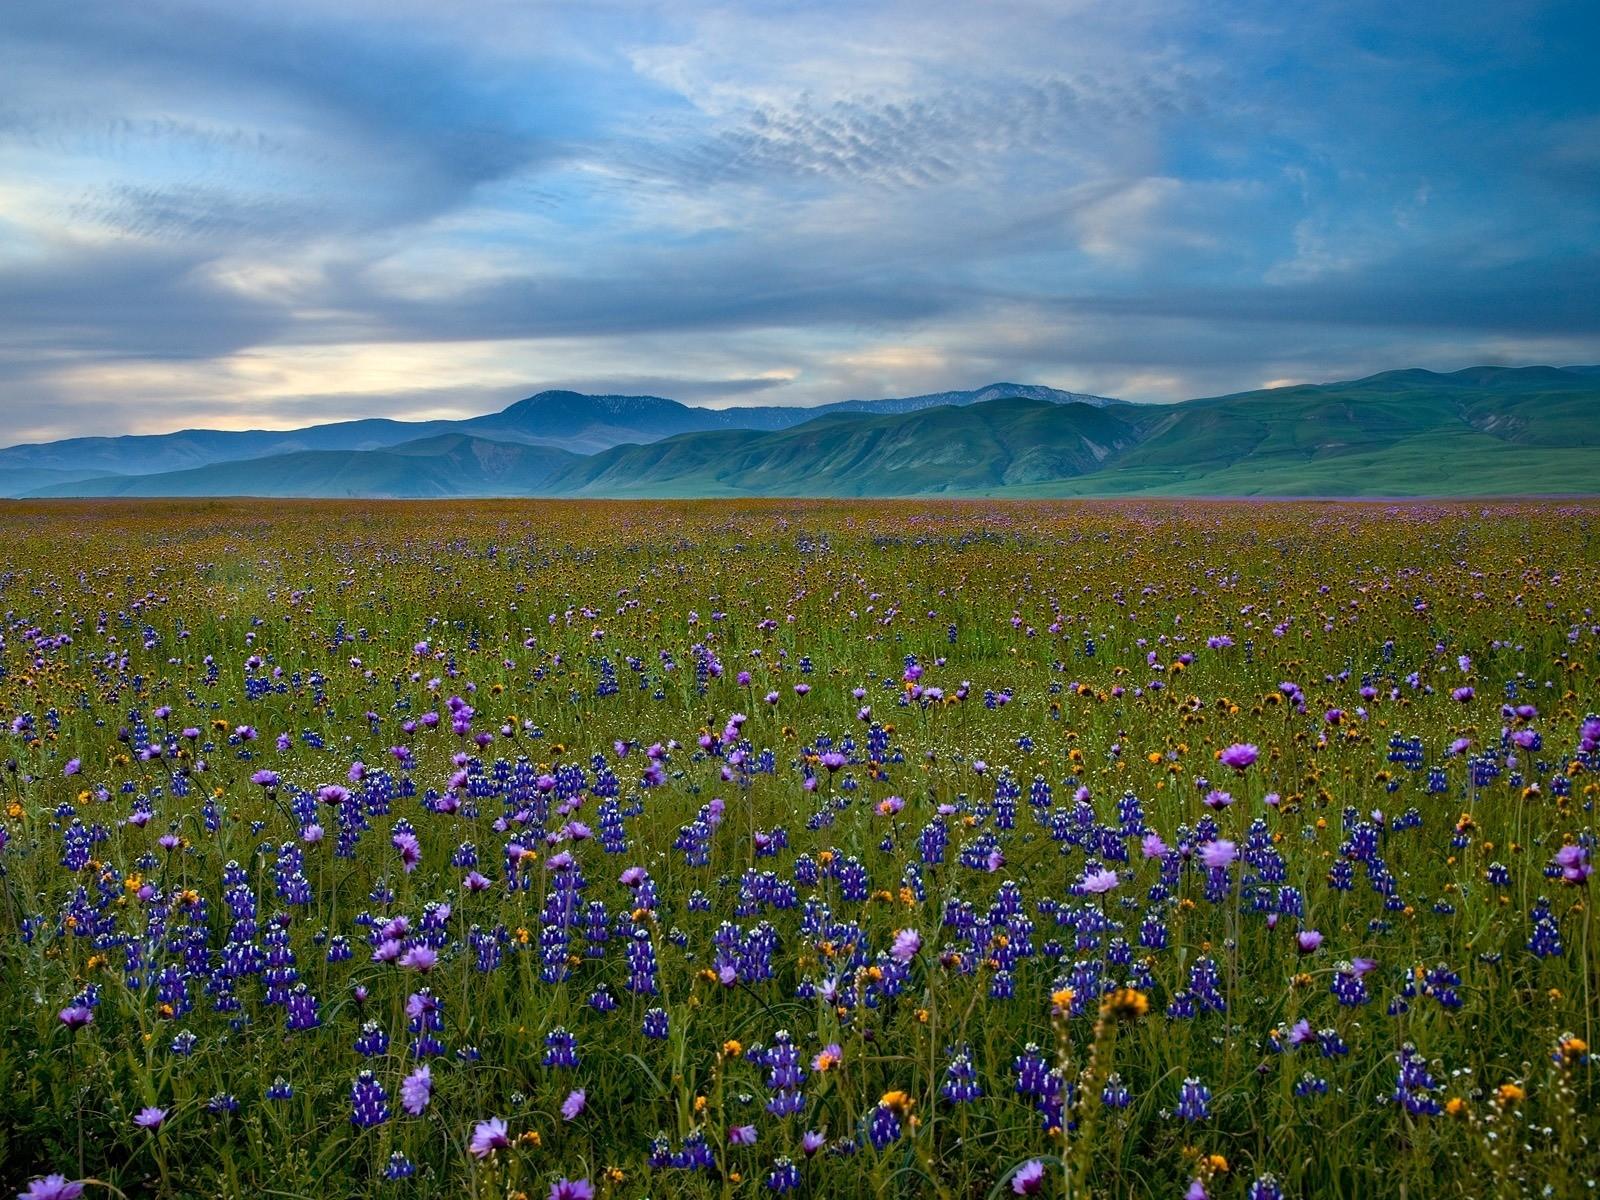 фотографии цветущего луга